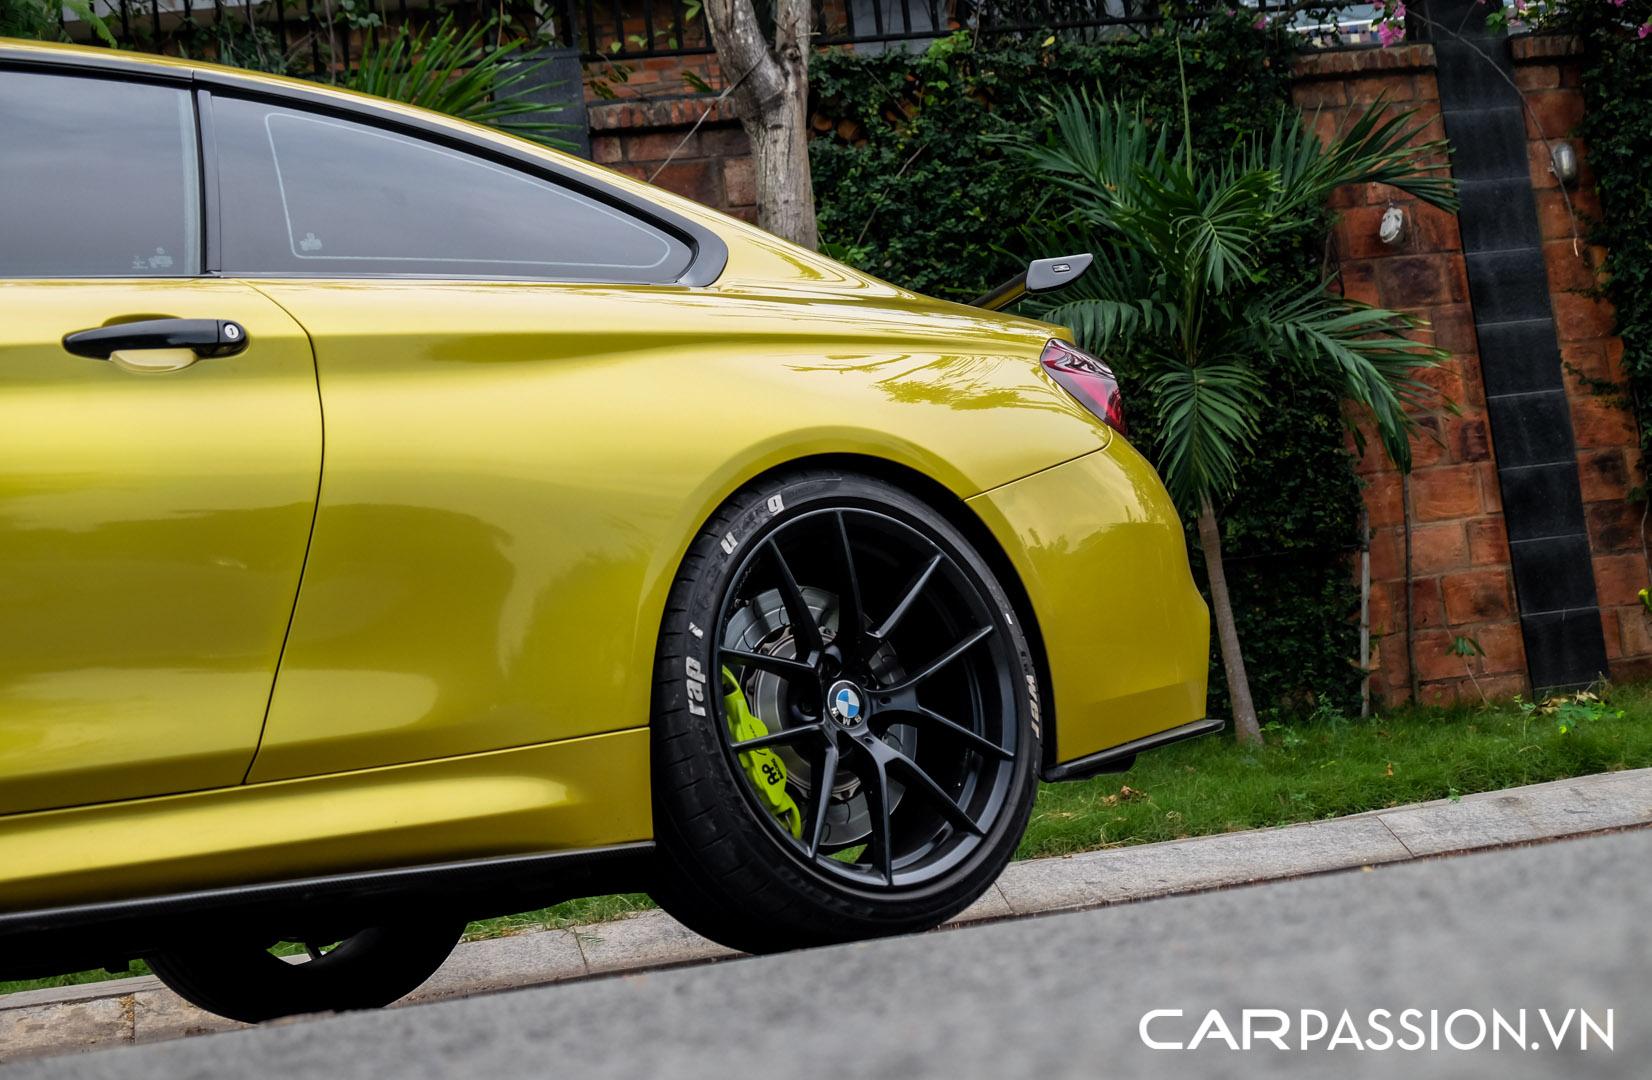 CP-BMW M4 F8 được rao bán (17).jpg